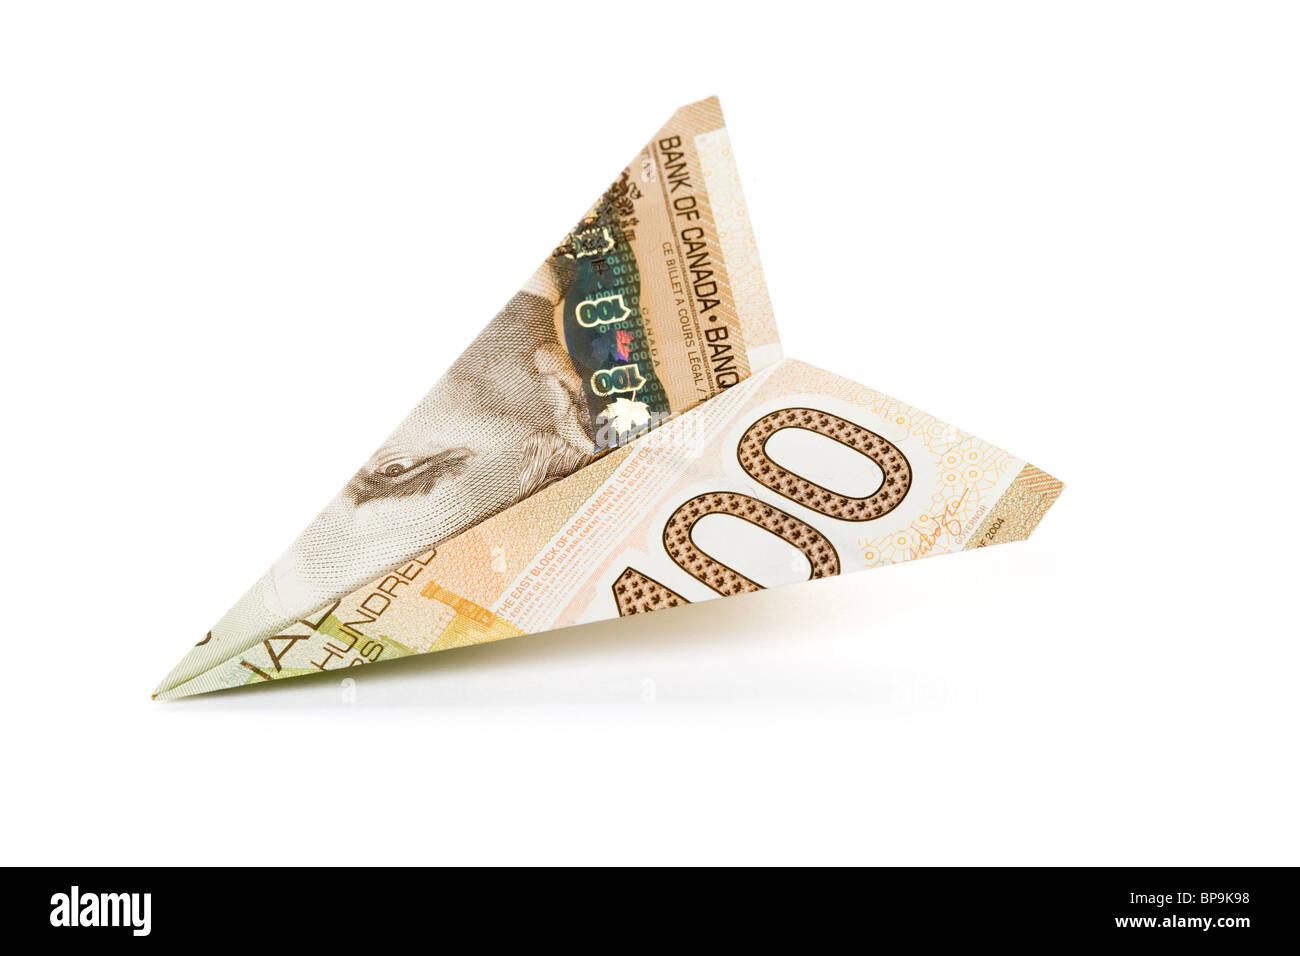 Mano sosteniendo un dólar avión Imagen De Stock